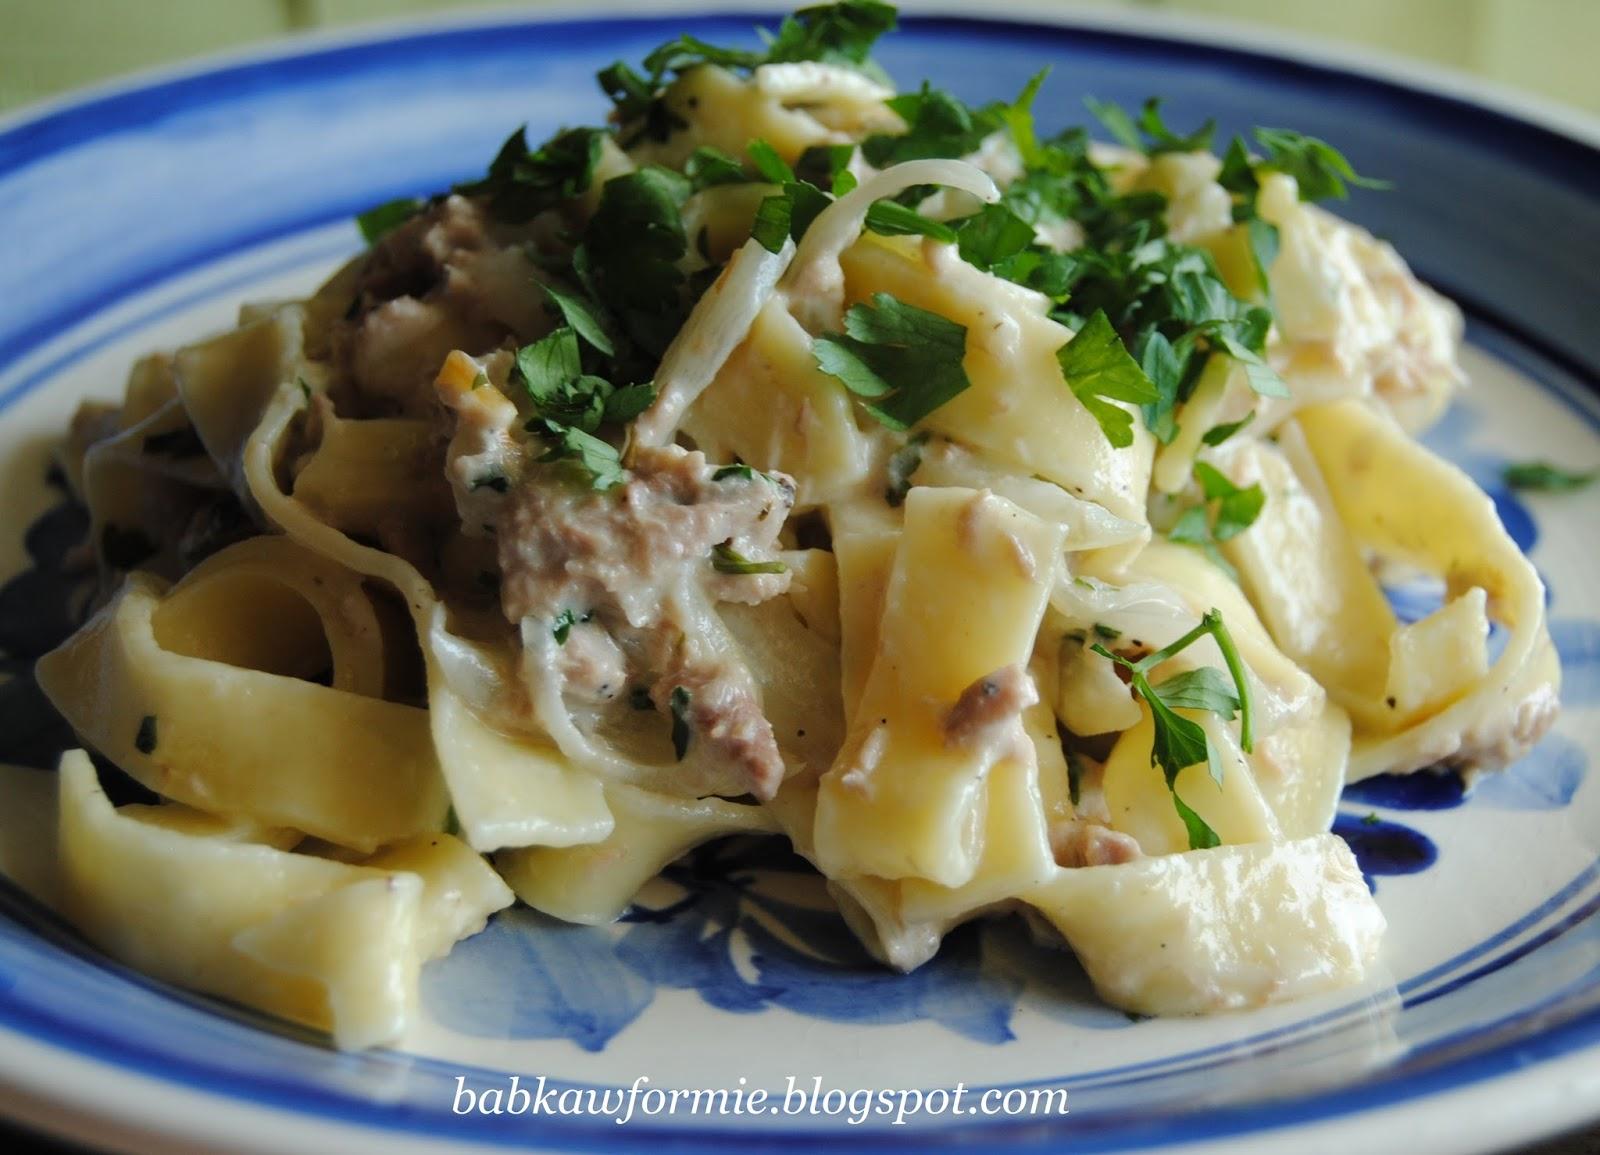 makaron wstęgi pappardelle z tuńczykiem w sosie śmietanowym babkawformie.blogspot.com